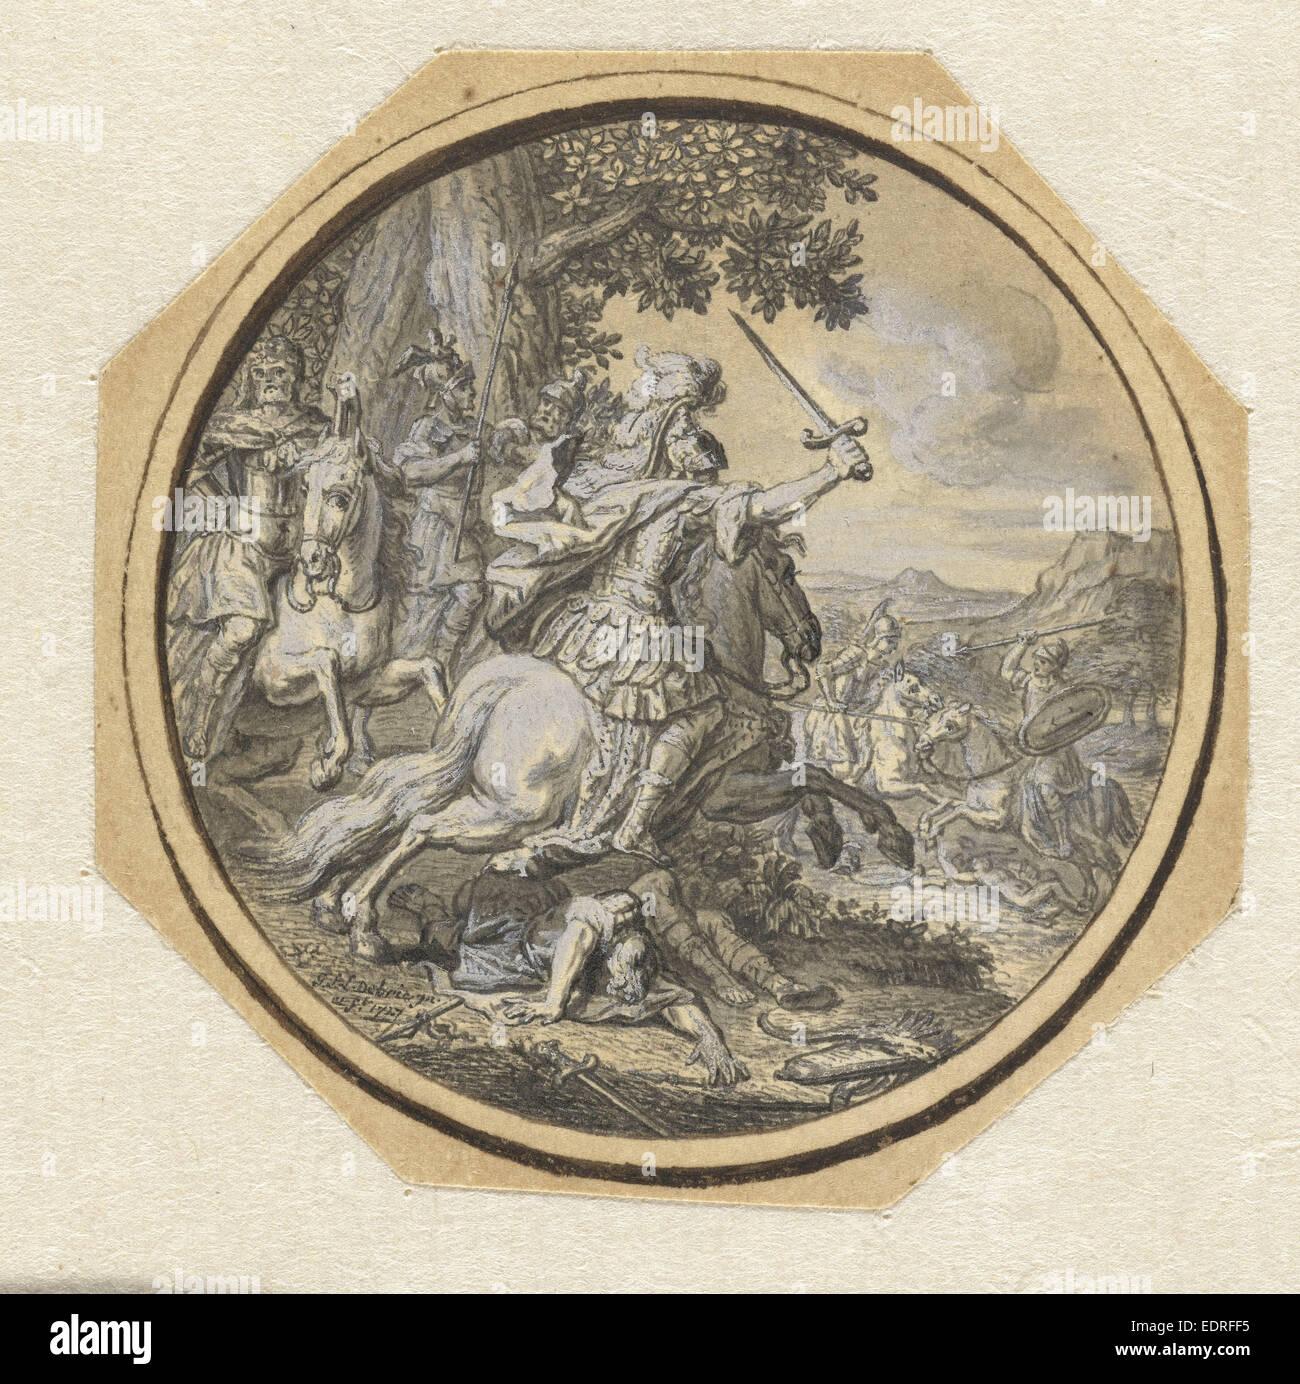 Battle Scene, Gabriel François Louis Debrie, 1747 - Stock Image